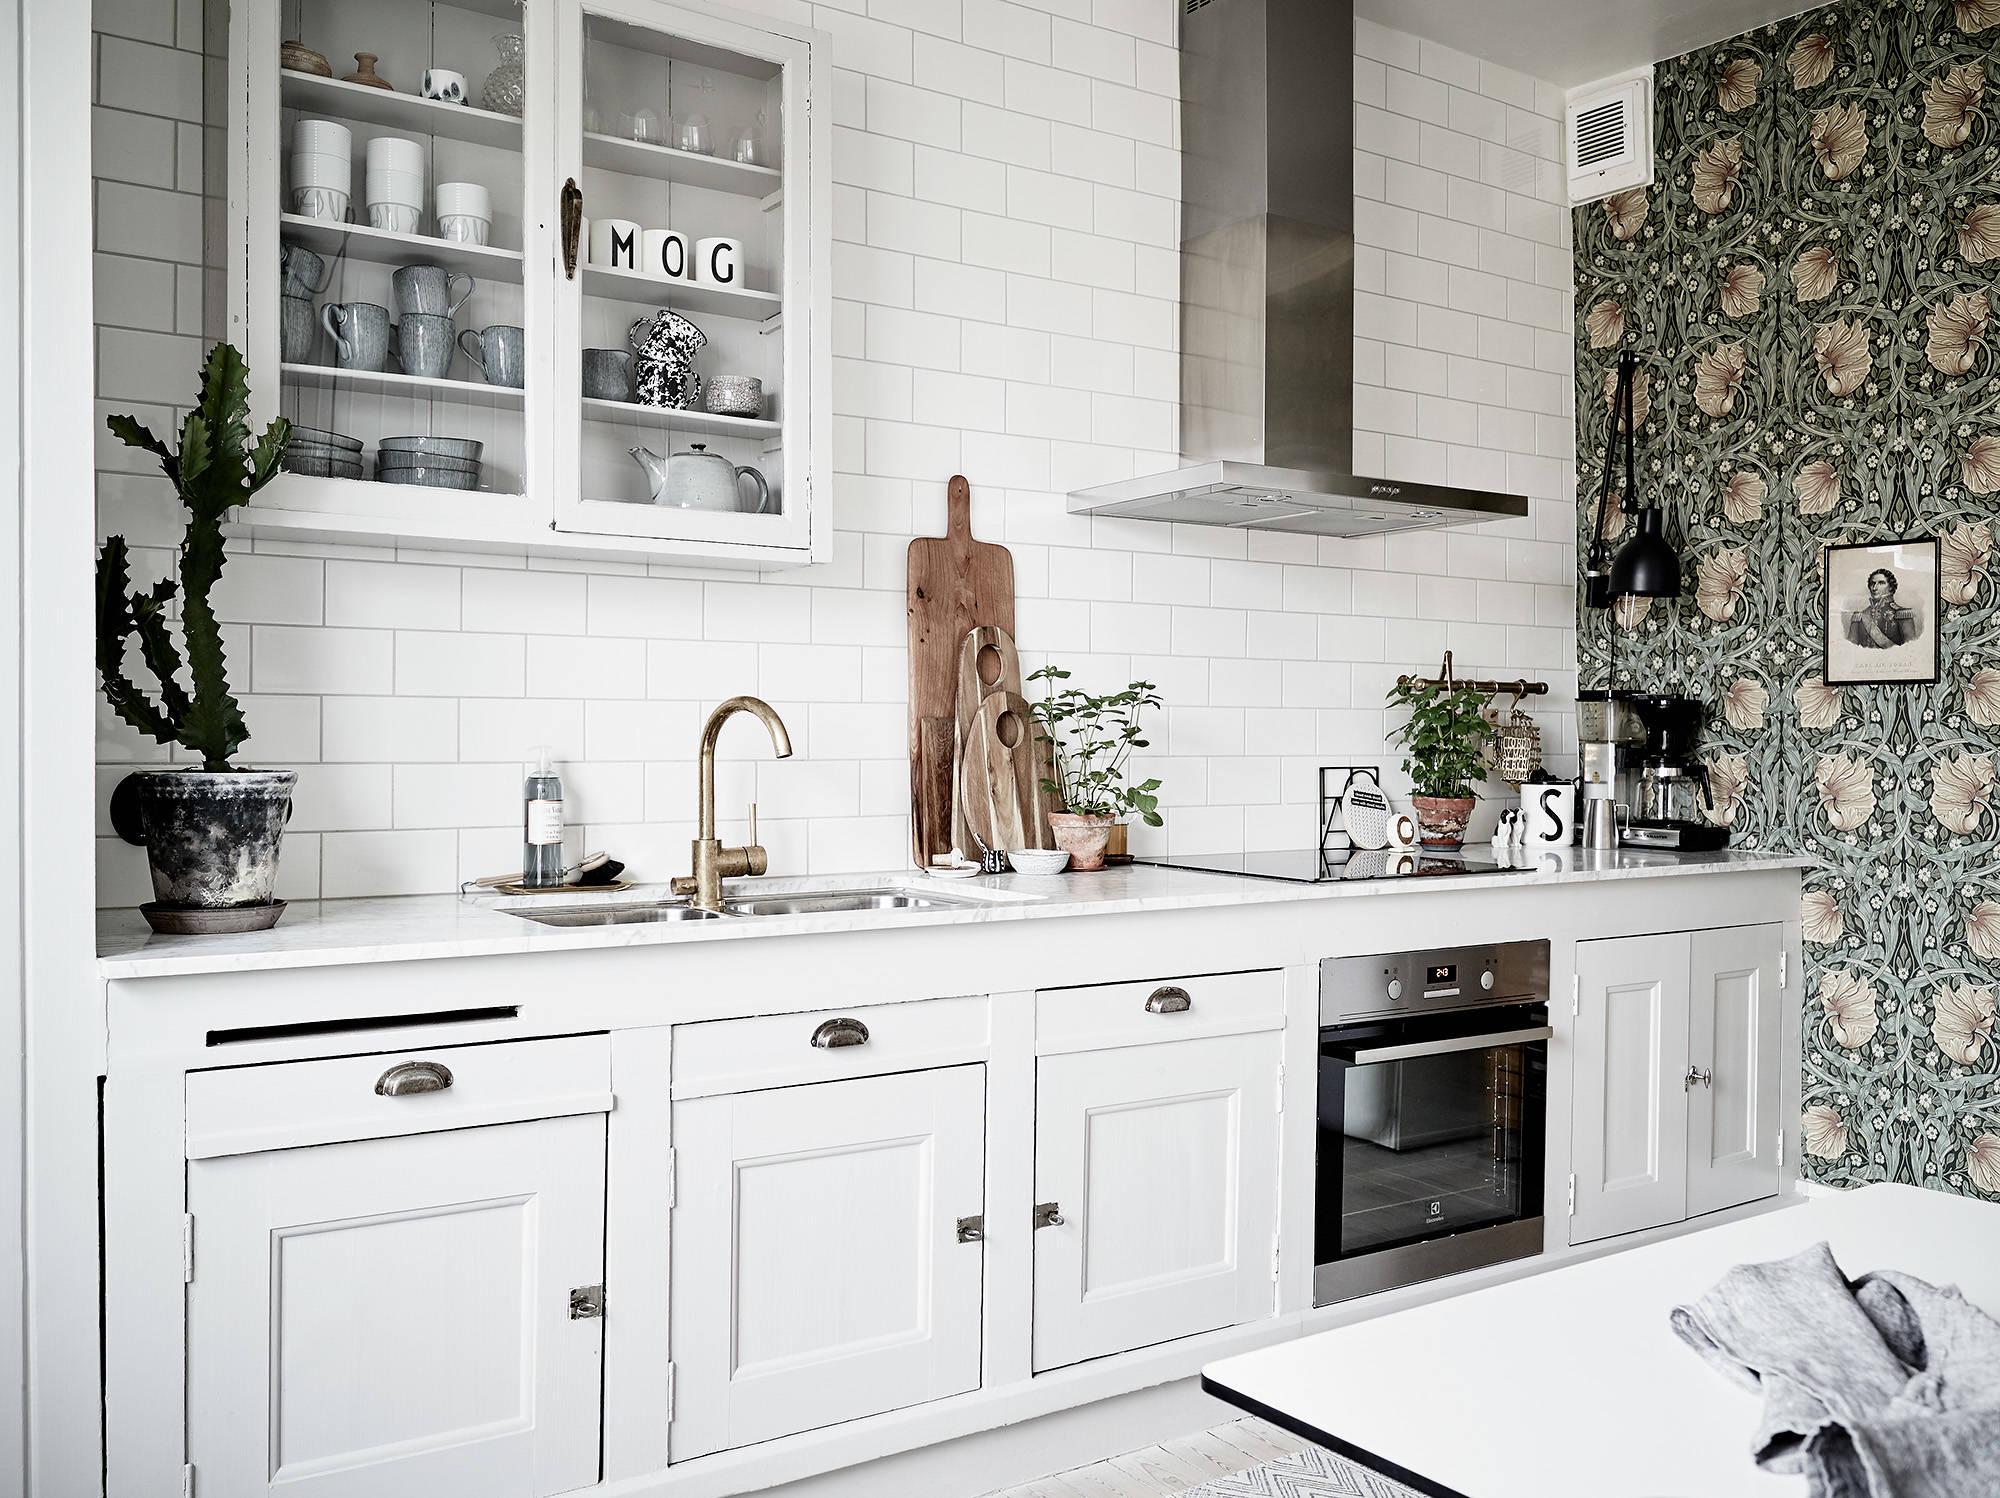 Tapeta w kuchni z płytkami typu metro od porducenta Vogue